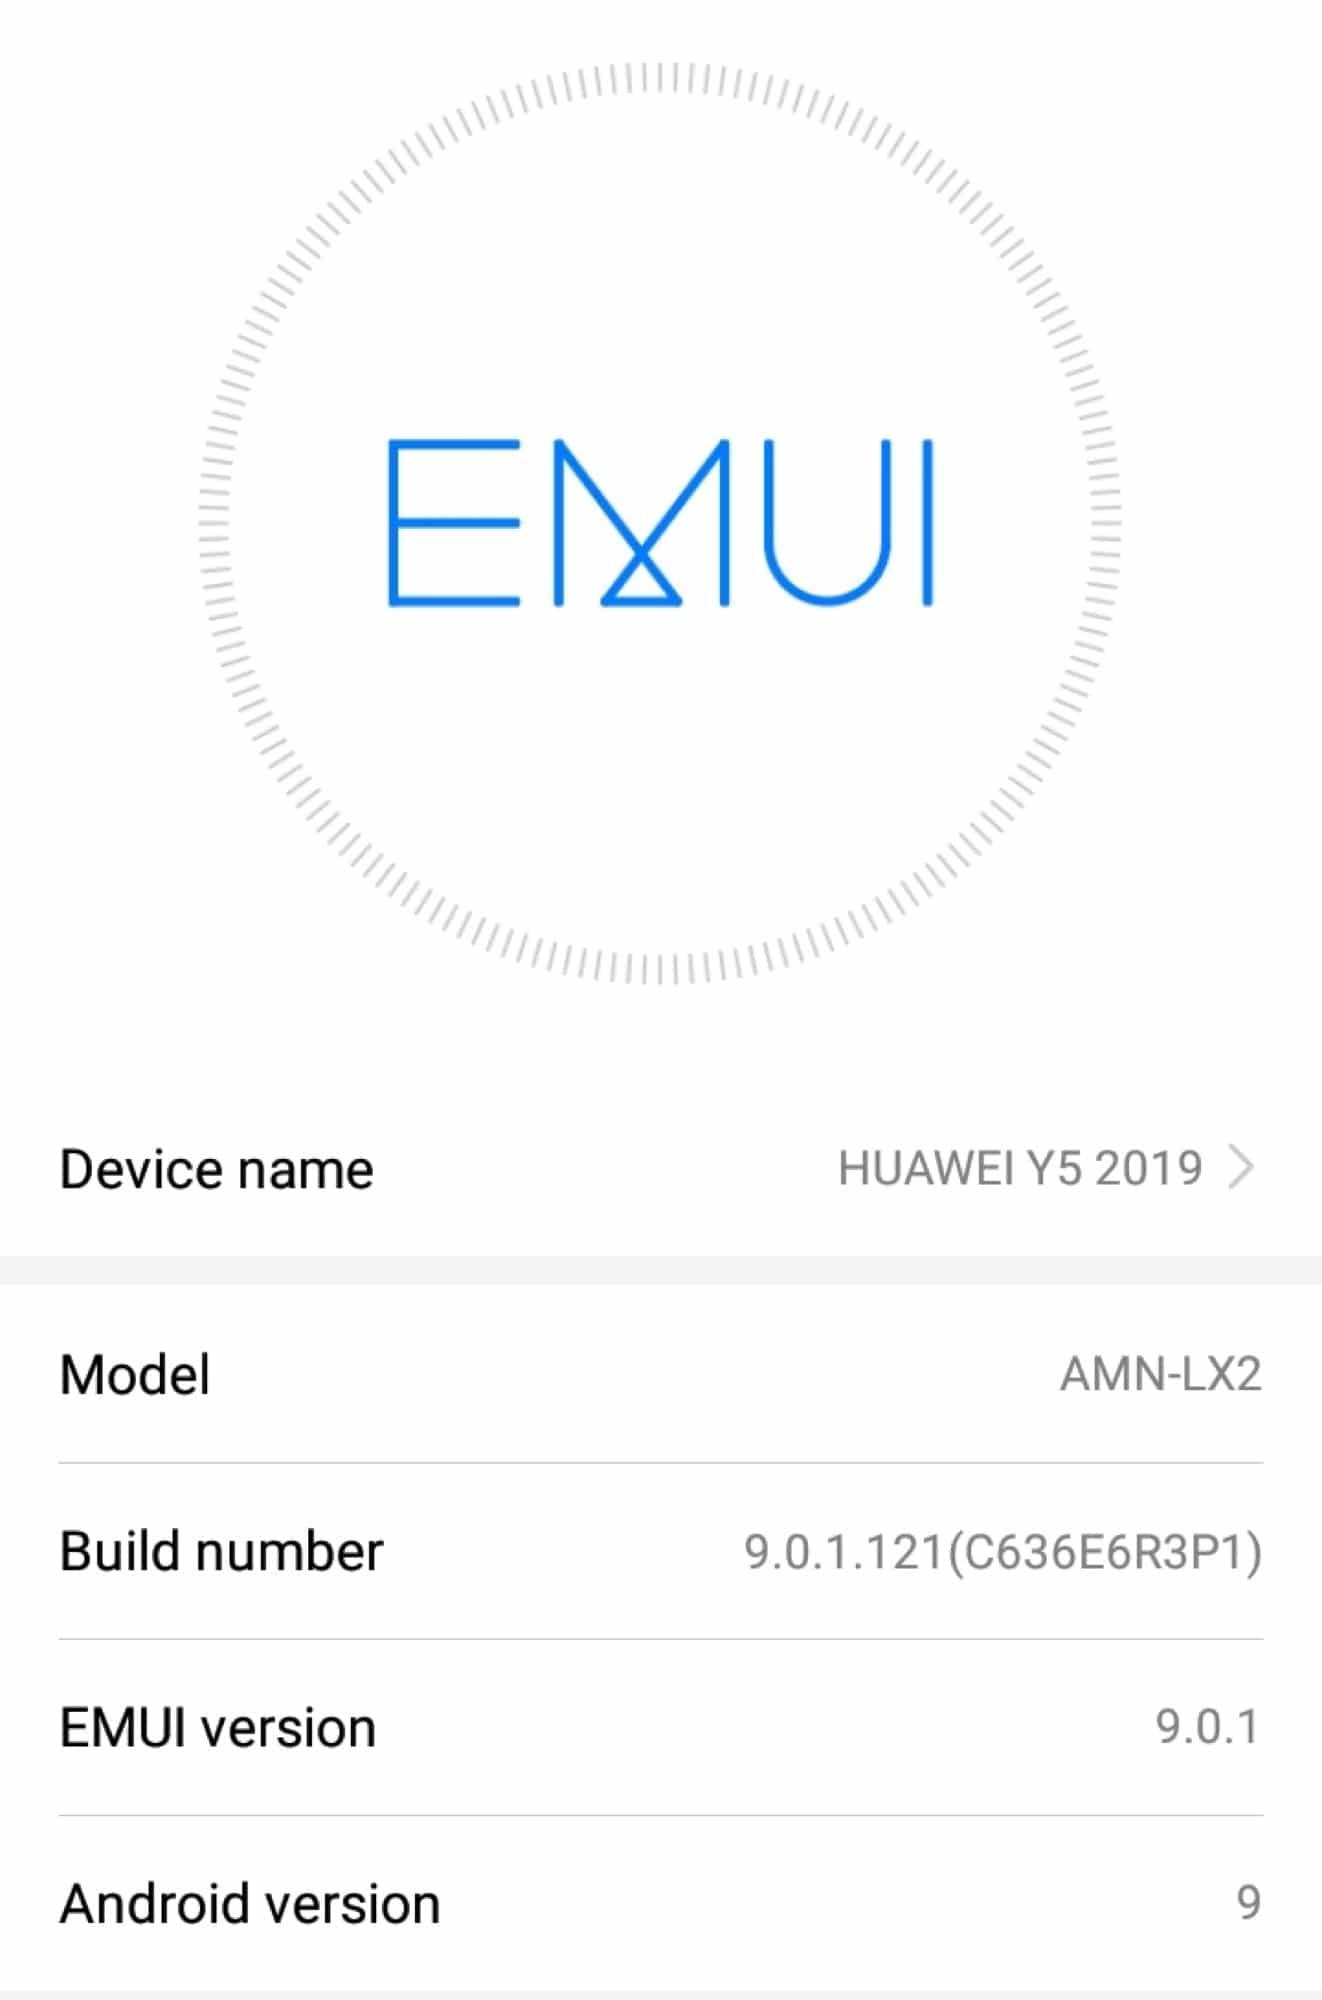 รีวิว HUAWEI Y5 2019 สมาร์ทโฟนราคาเบาๆ 3,799 บาท 6